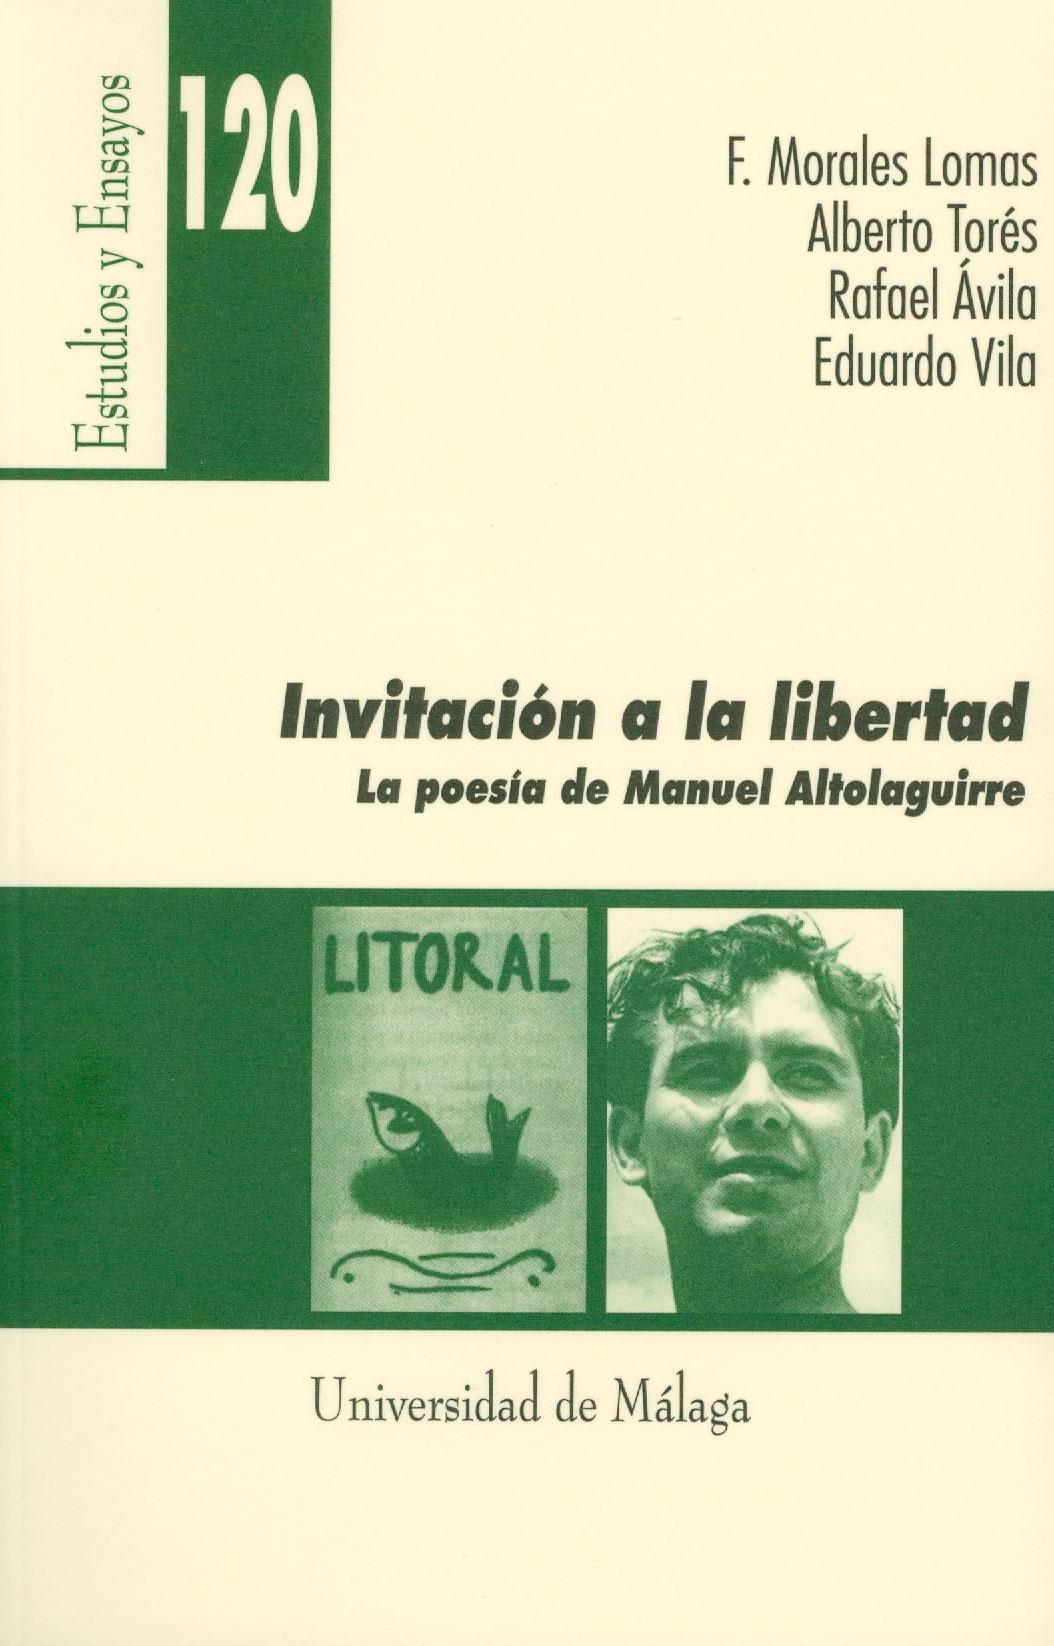 Invitación a la libertad. La lírica de Manuel Altolaguirre. Servicio de Publicaciones Universidad de Málaga, 2009.[ISBN 978-84-9747-284-5]